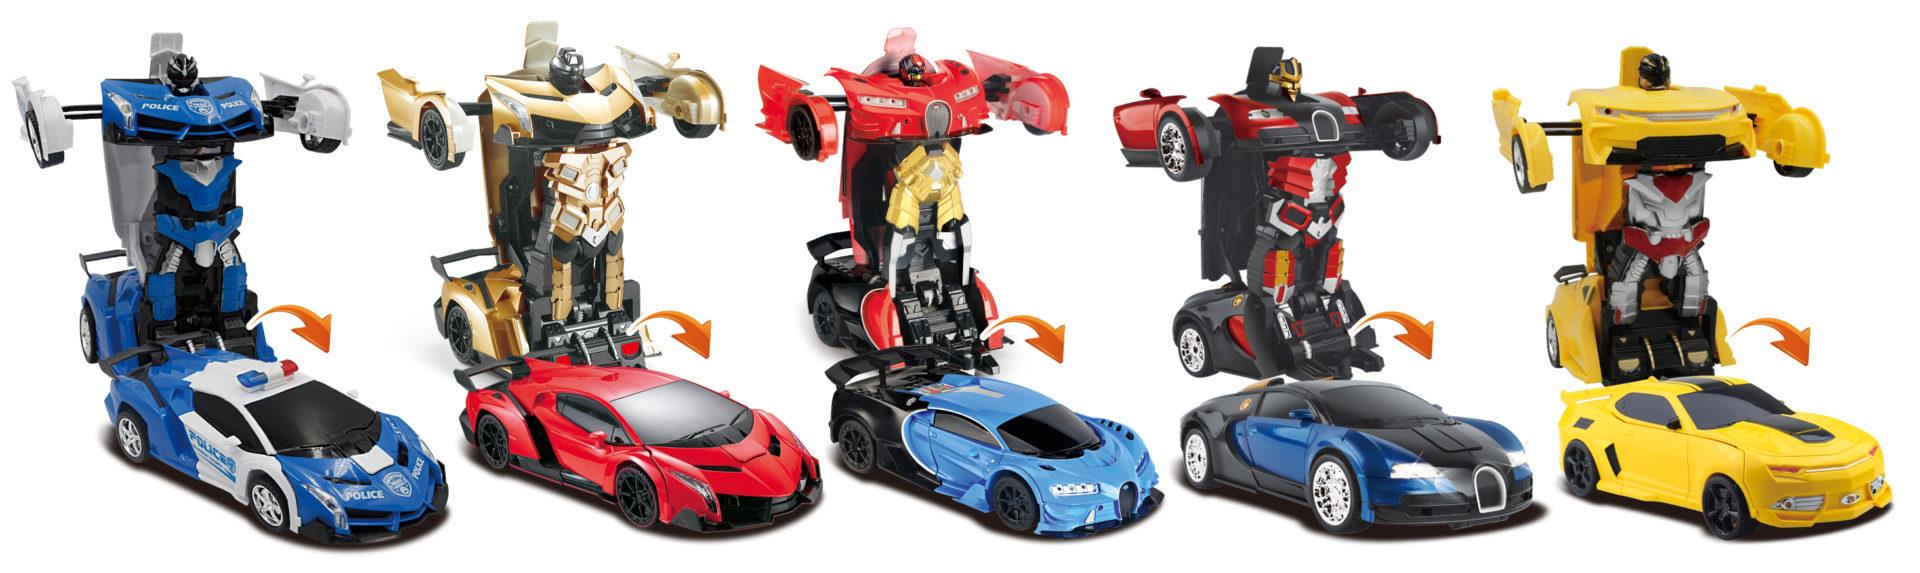 トランスフォーマー ラジコンカー 警察車、スポーツカーと高級車で多種類 豊富なデザインからお選びいただけます。かっこいいデザインで子供たちは大喜び、素晴らしい遊び体験をもたらす!